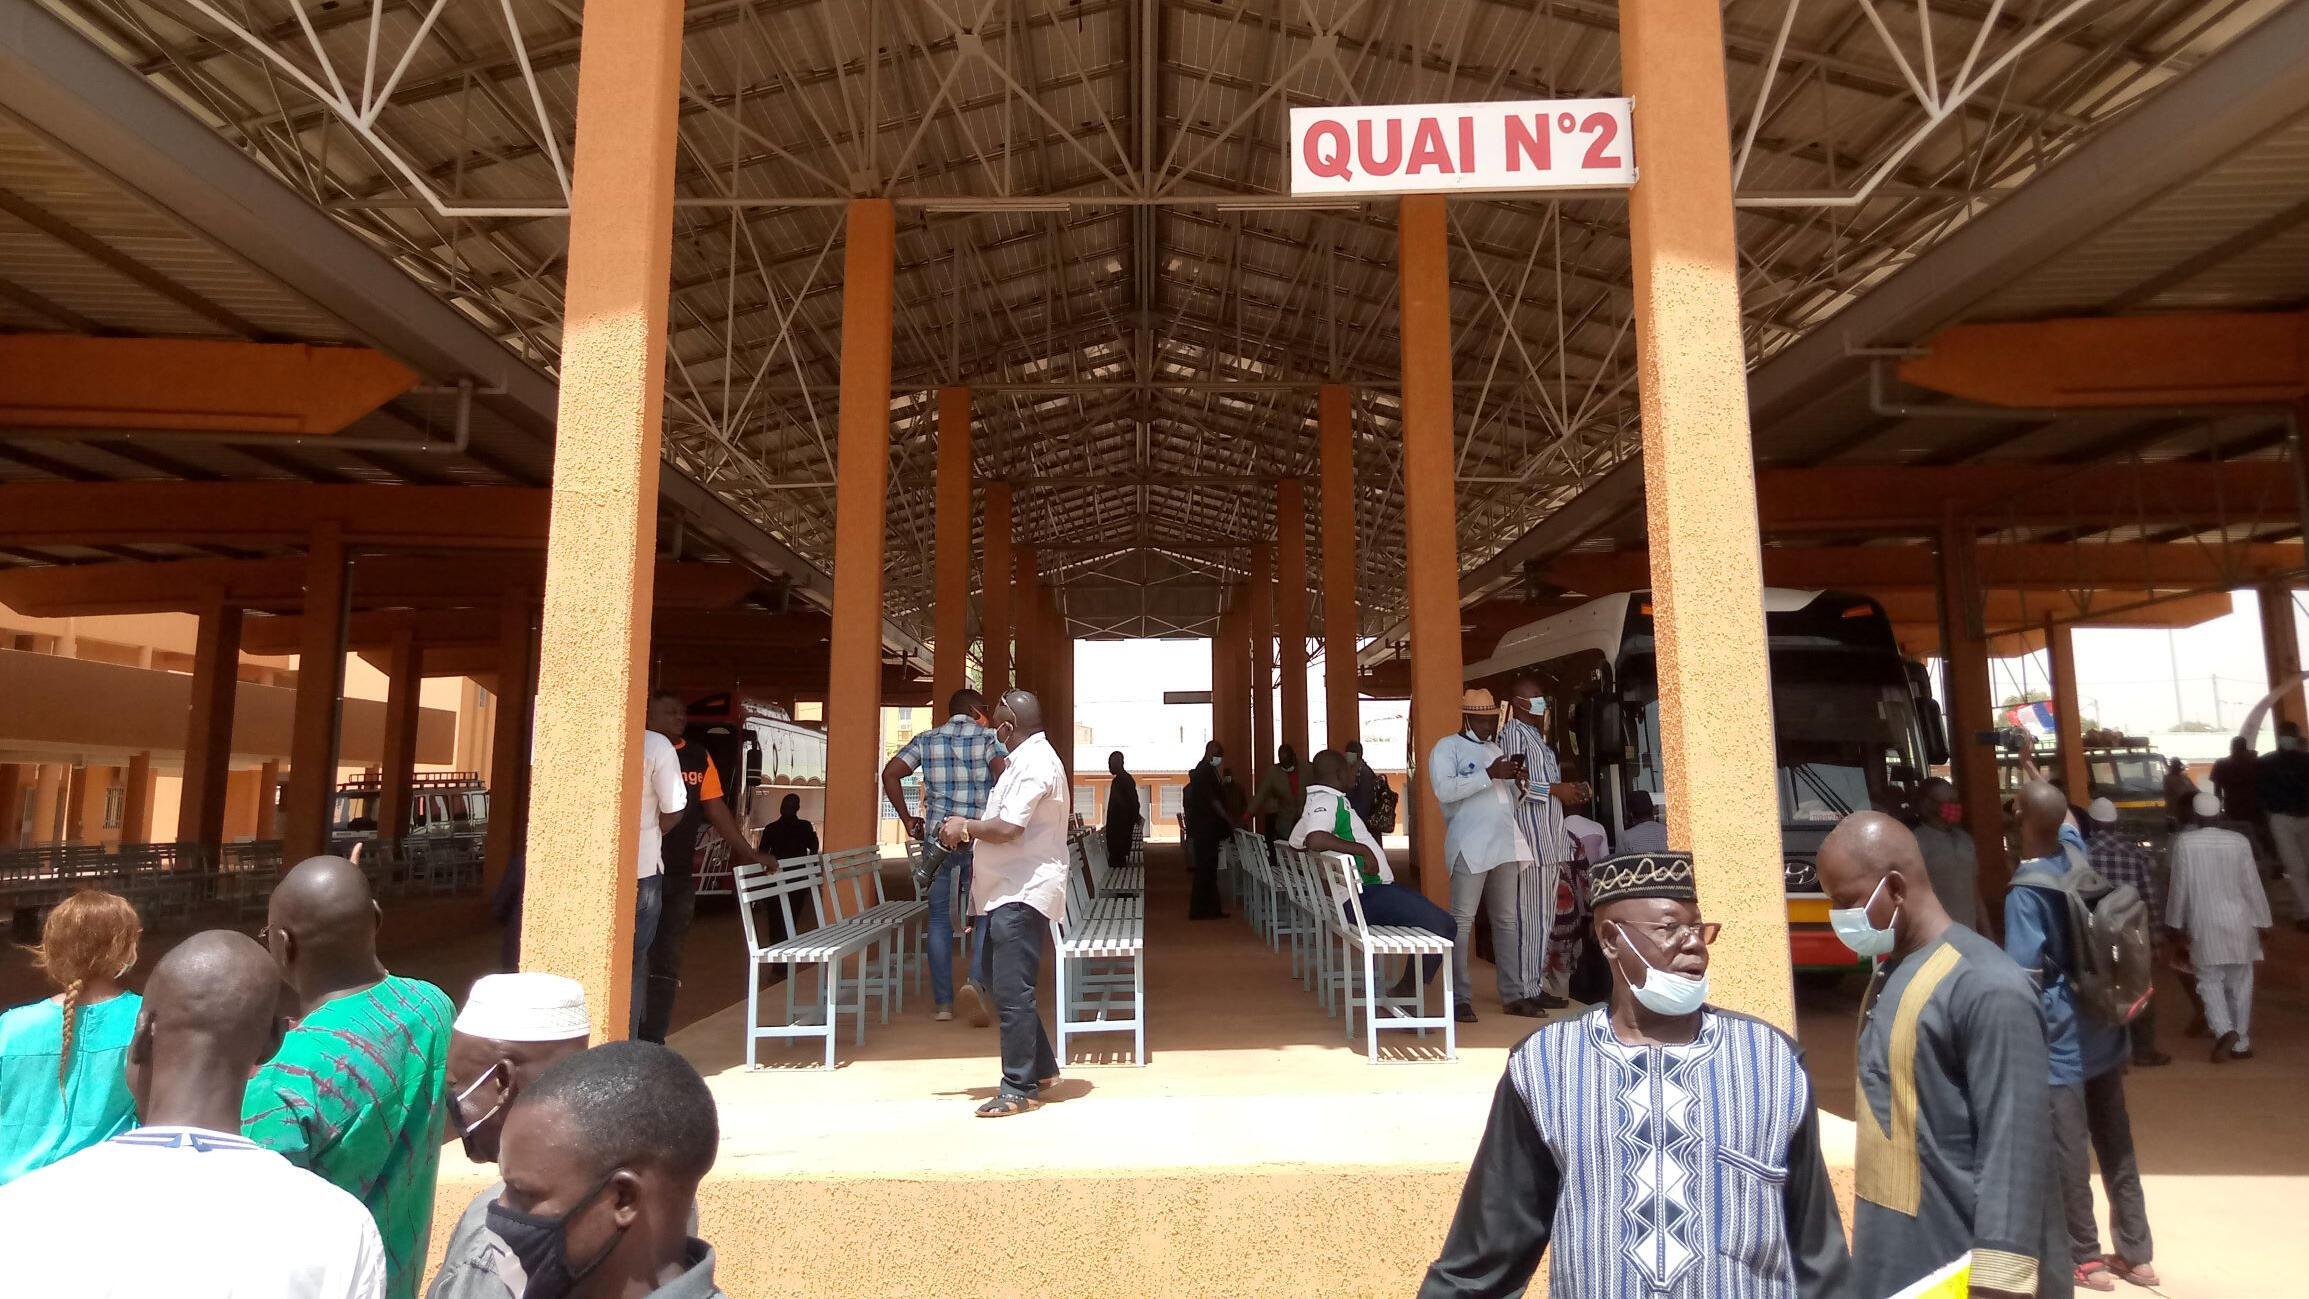 Gare-routiere-ouagadougou-burkina-2021